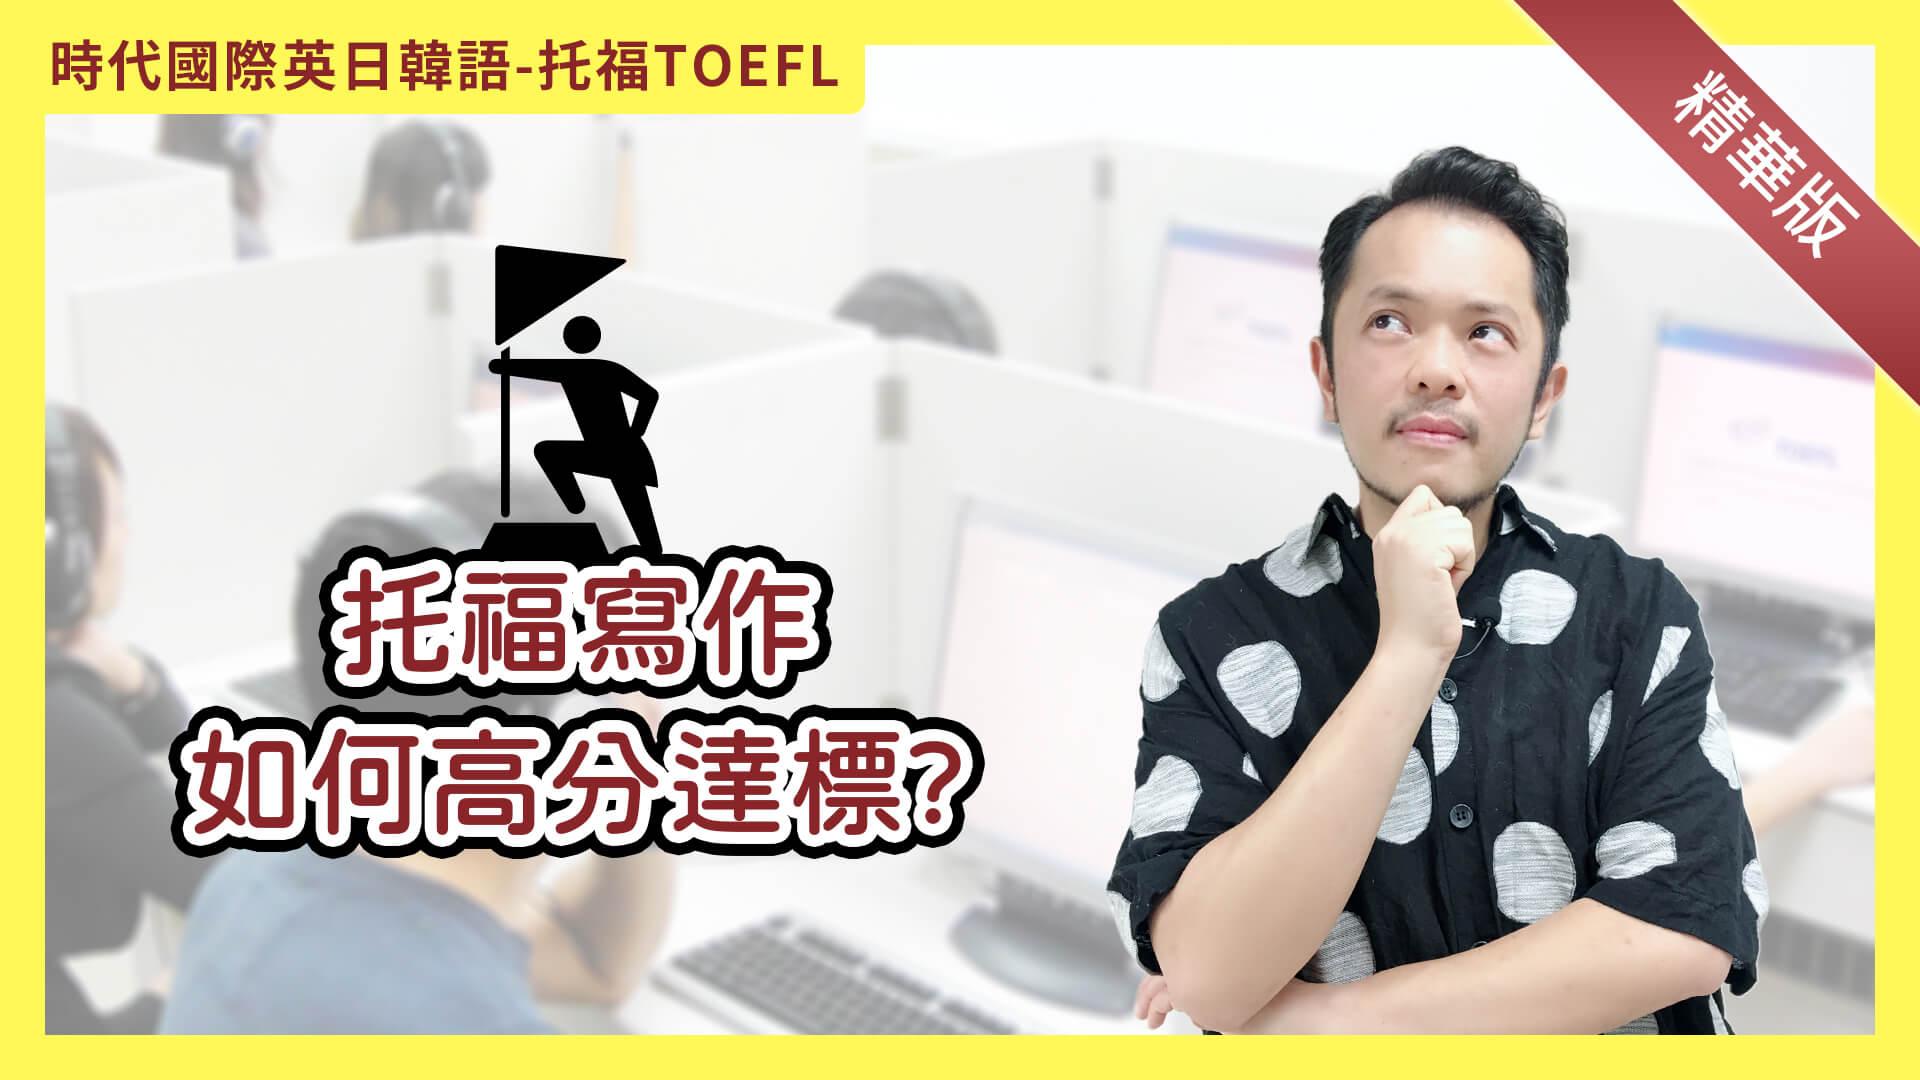 如何高分達標TOEFL托福寫作呢?